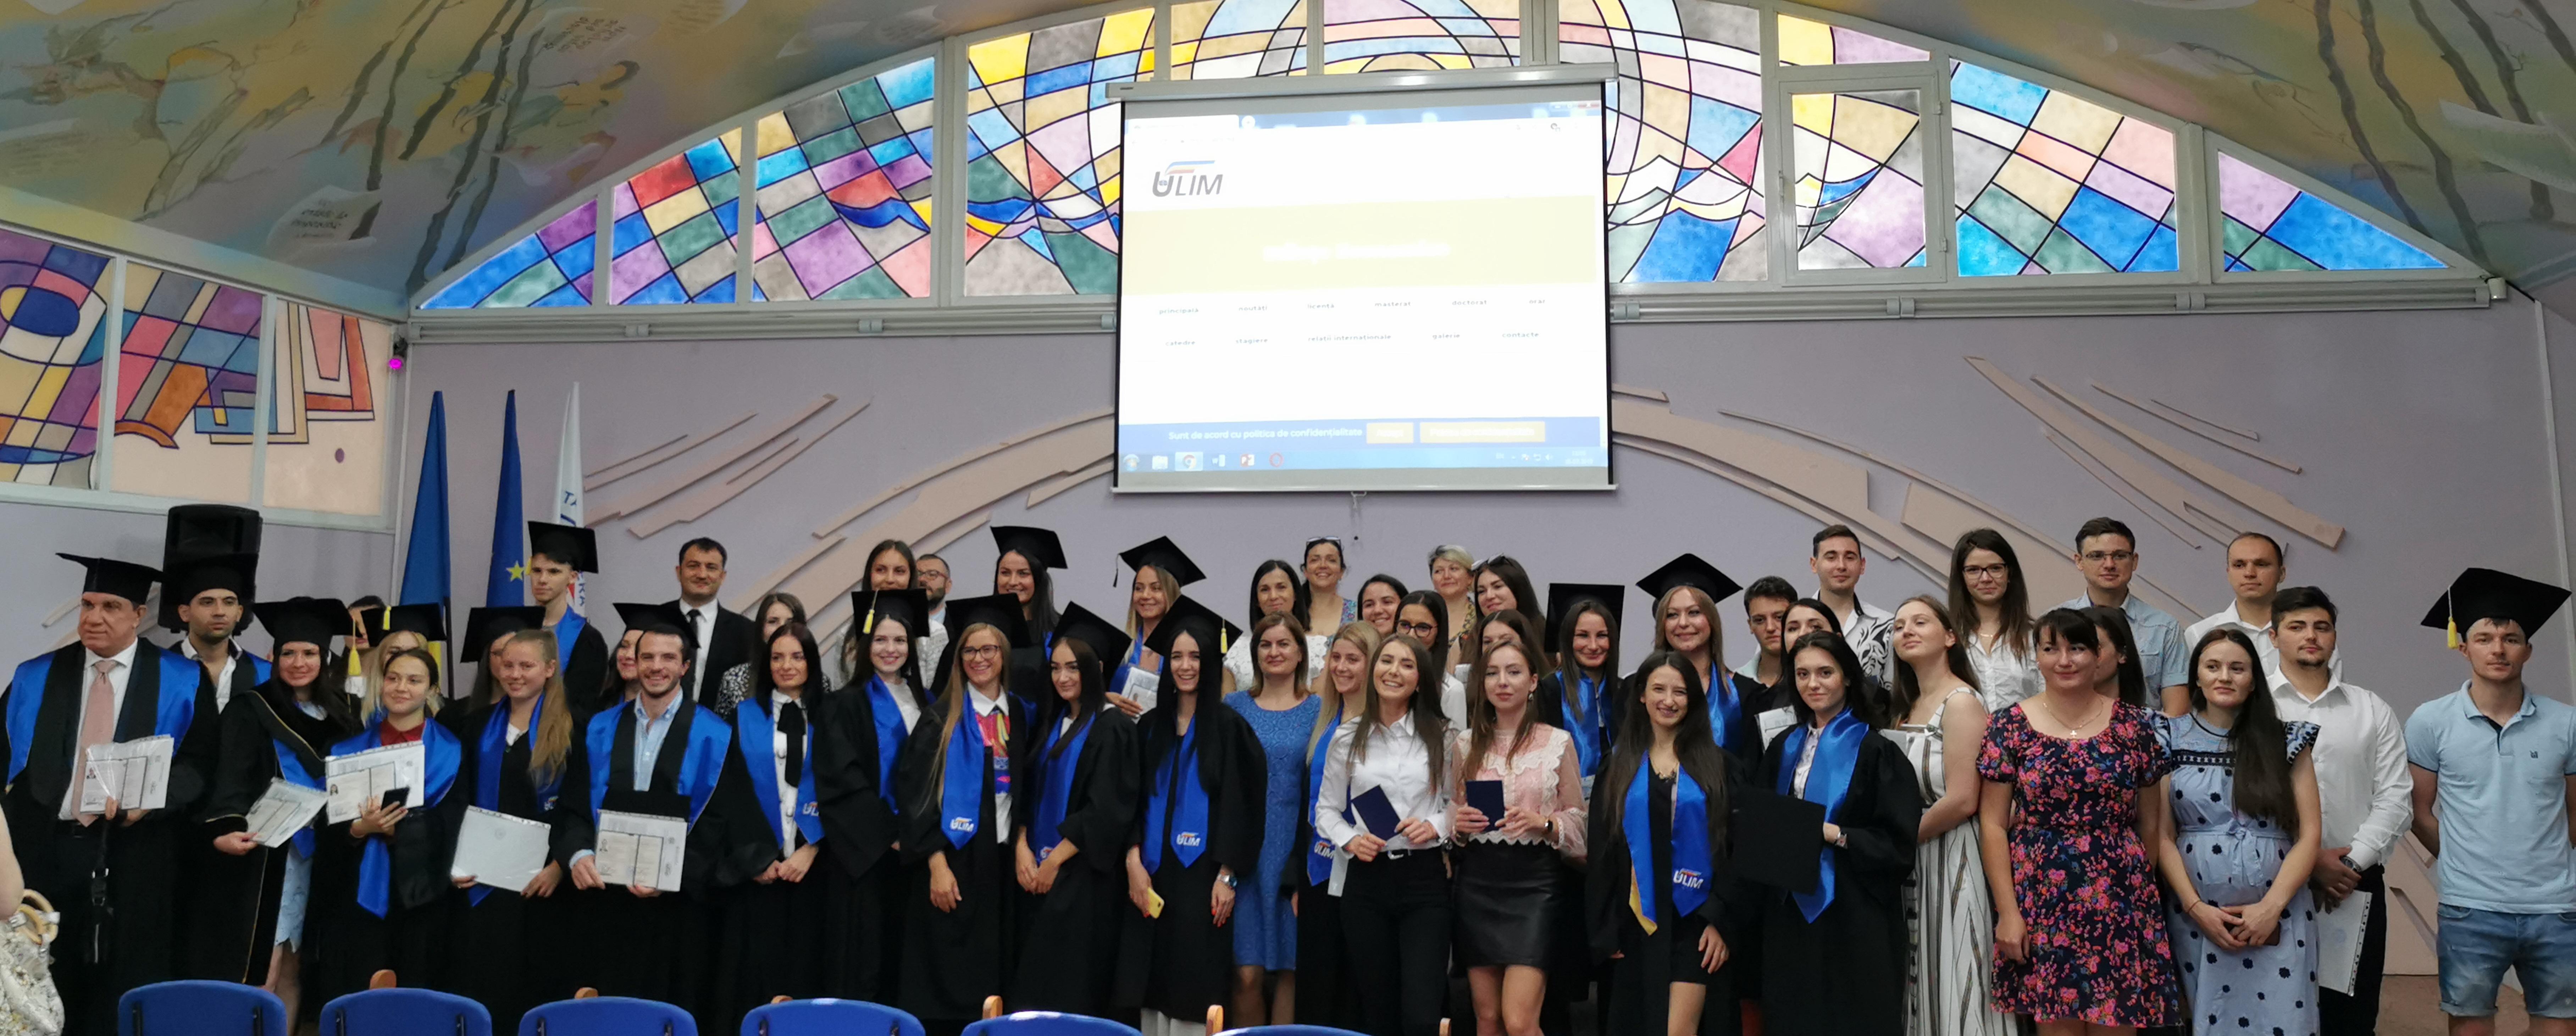 Ceremonia de absolvire la facultatea Științe Economice